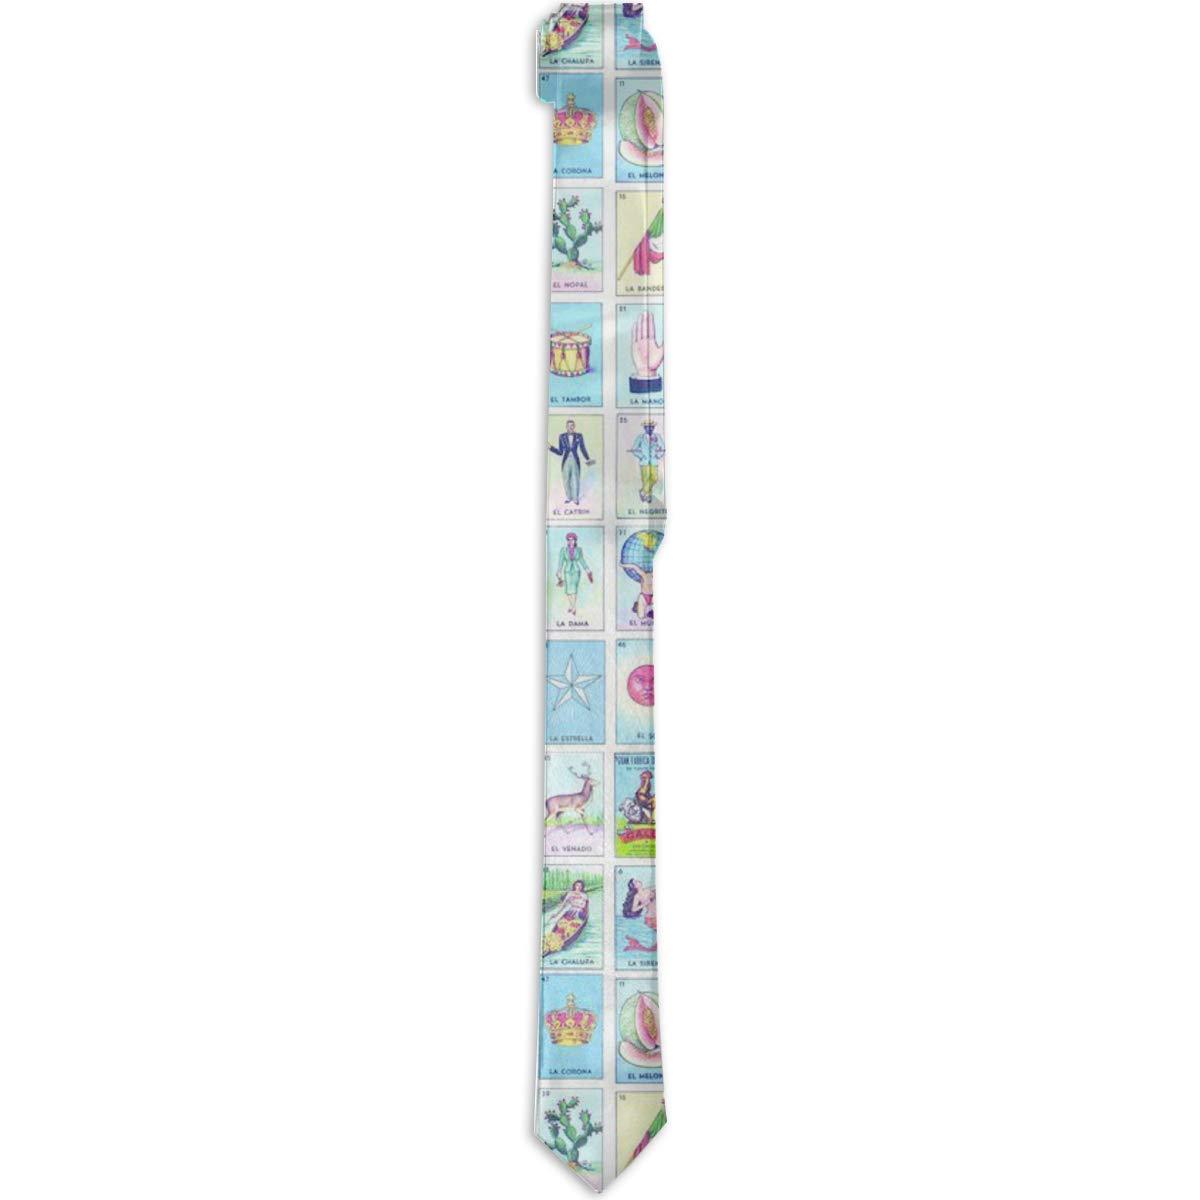 Casual Gentleman Necktie Fashion 3D Print Necktie for Men Suit Ties